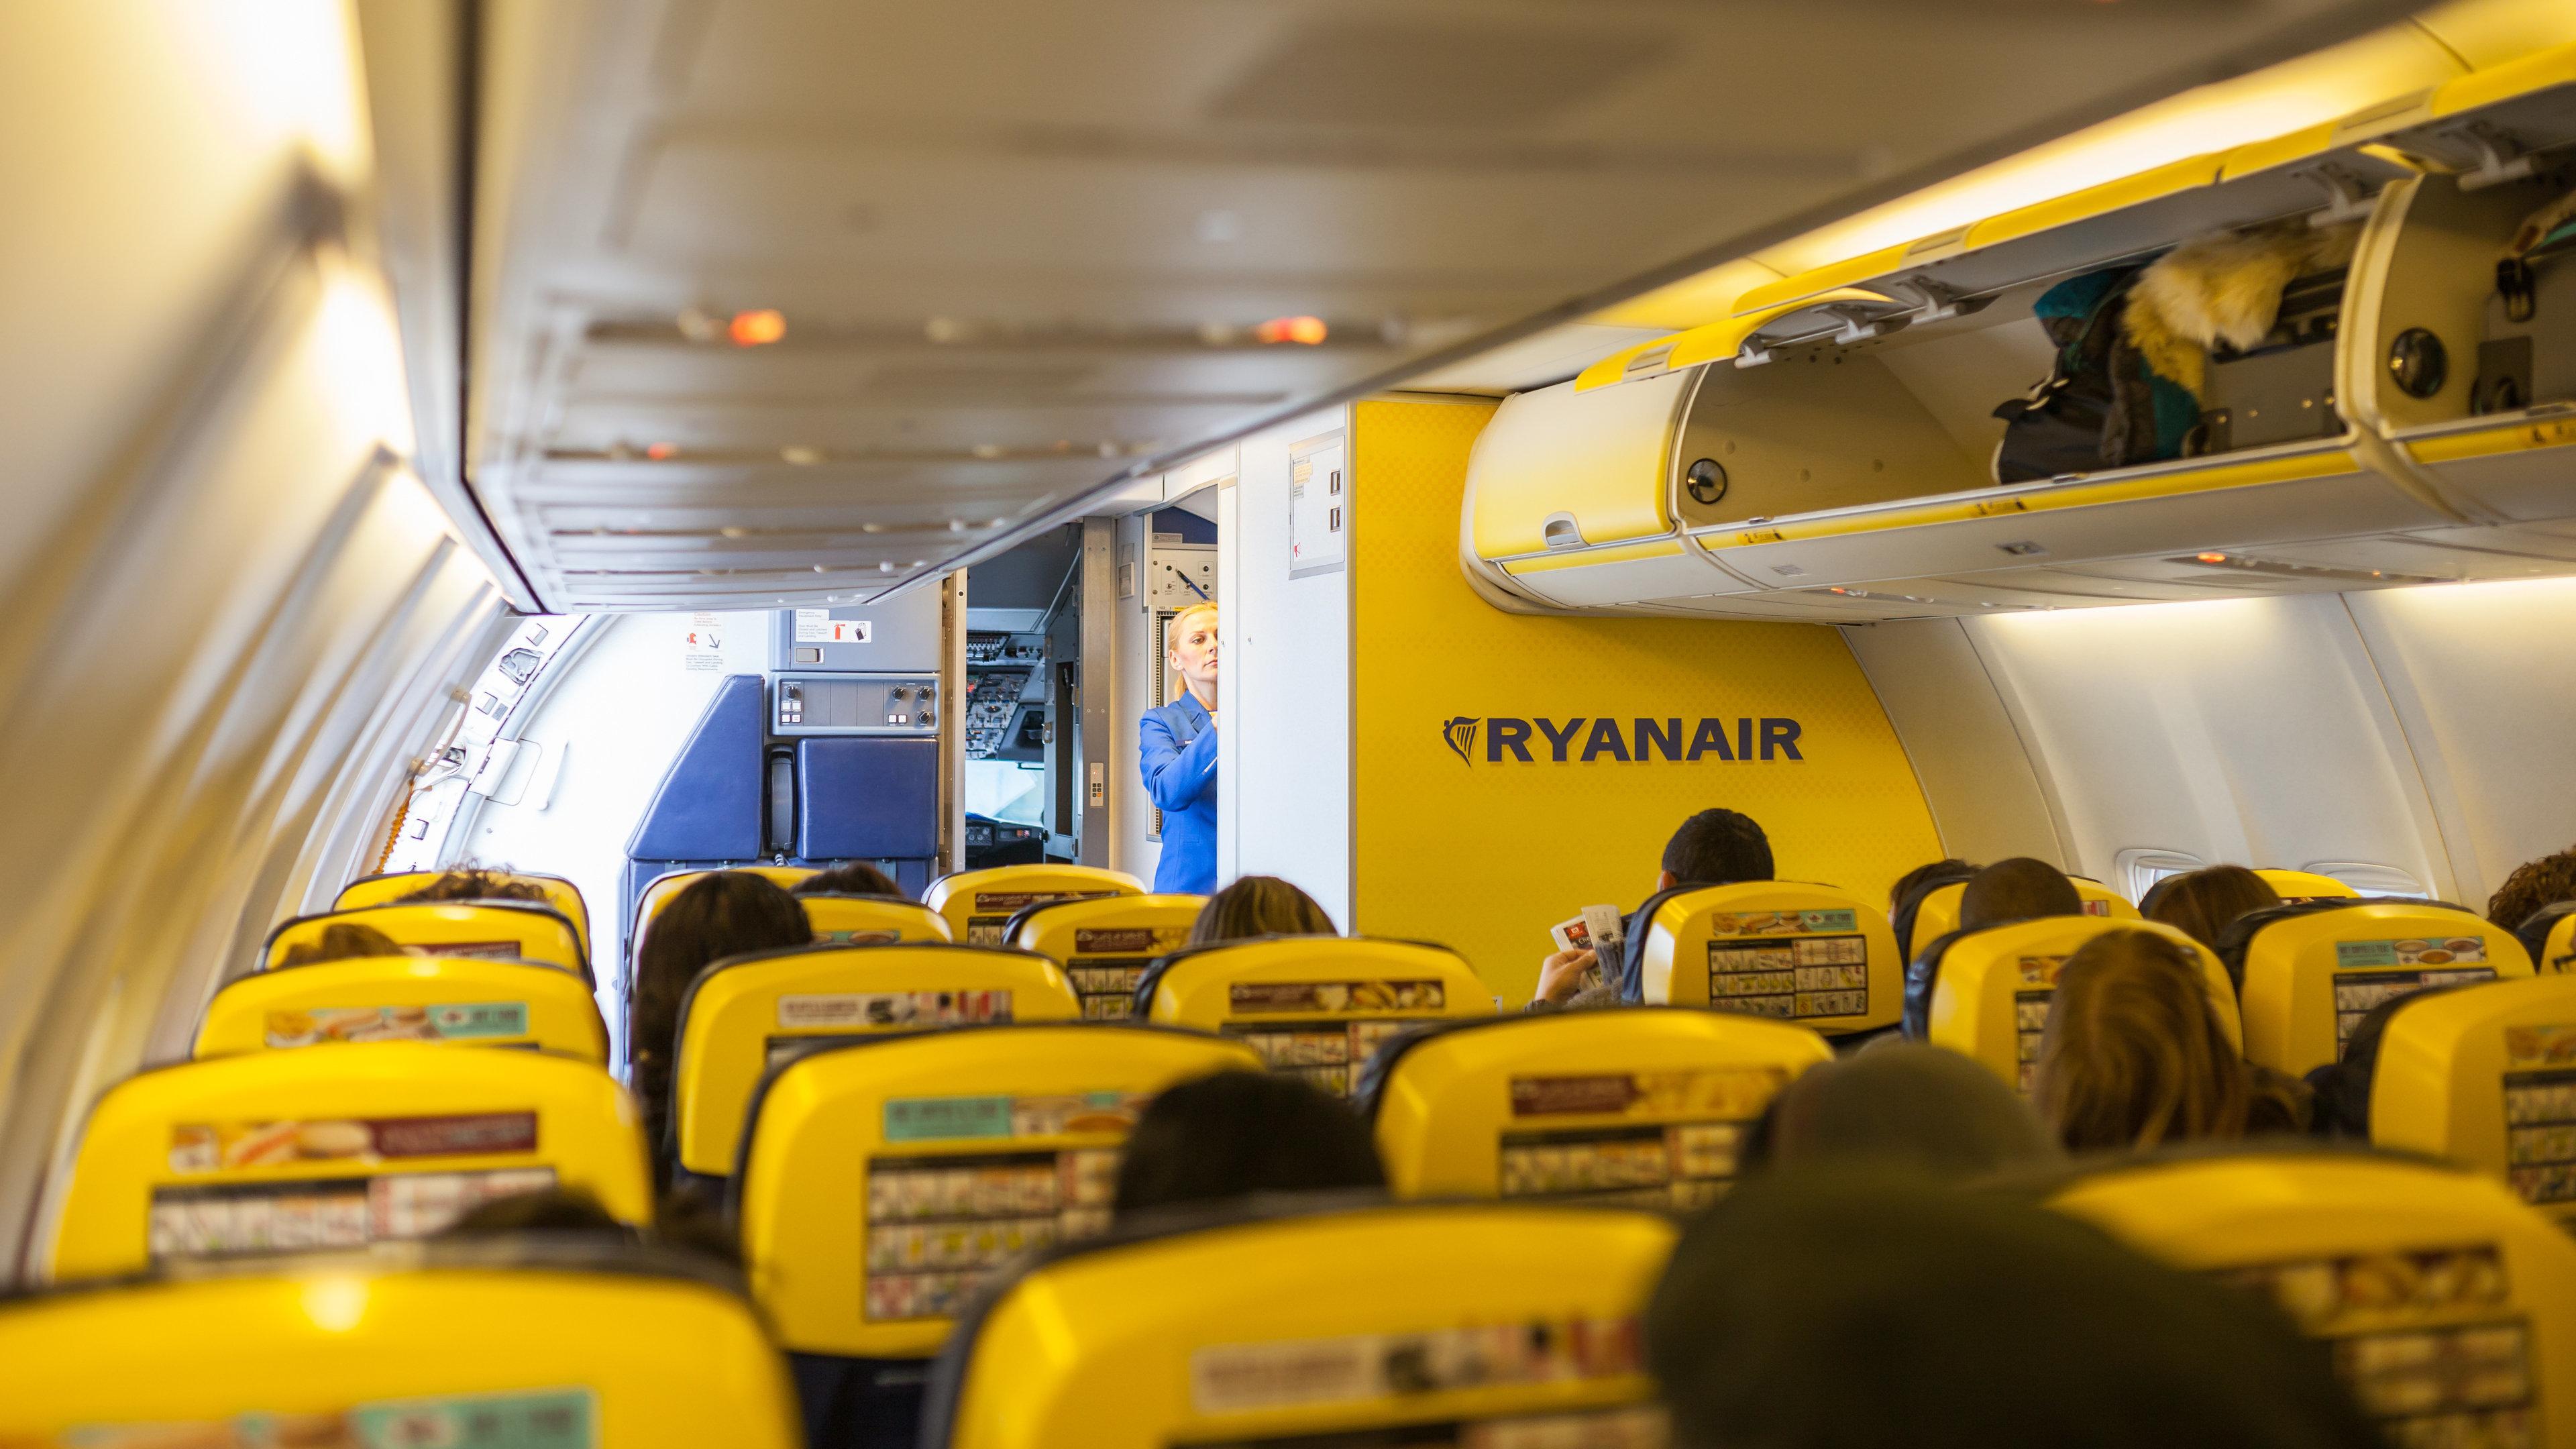 Ryanair: Als britisches Ehepaar seinen Sitzplatz sieht, ist es